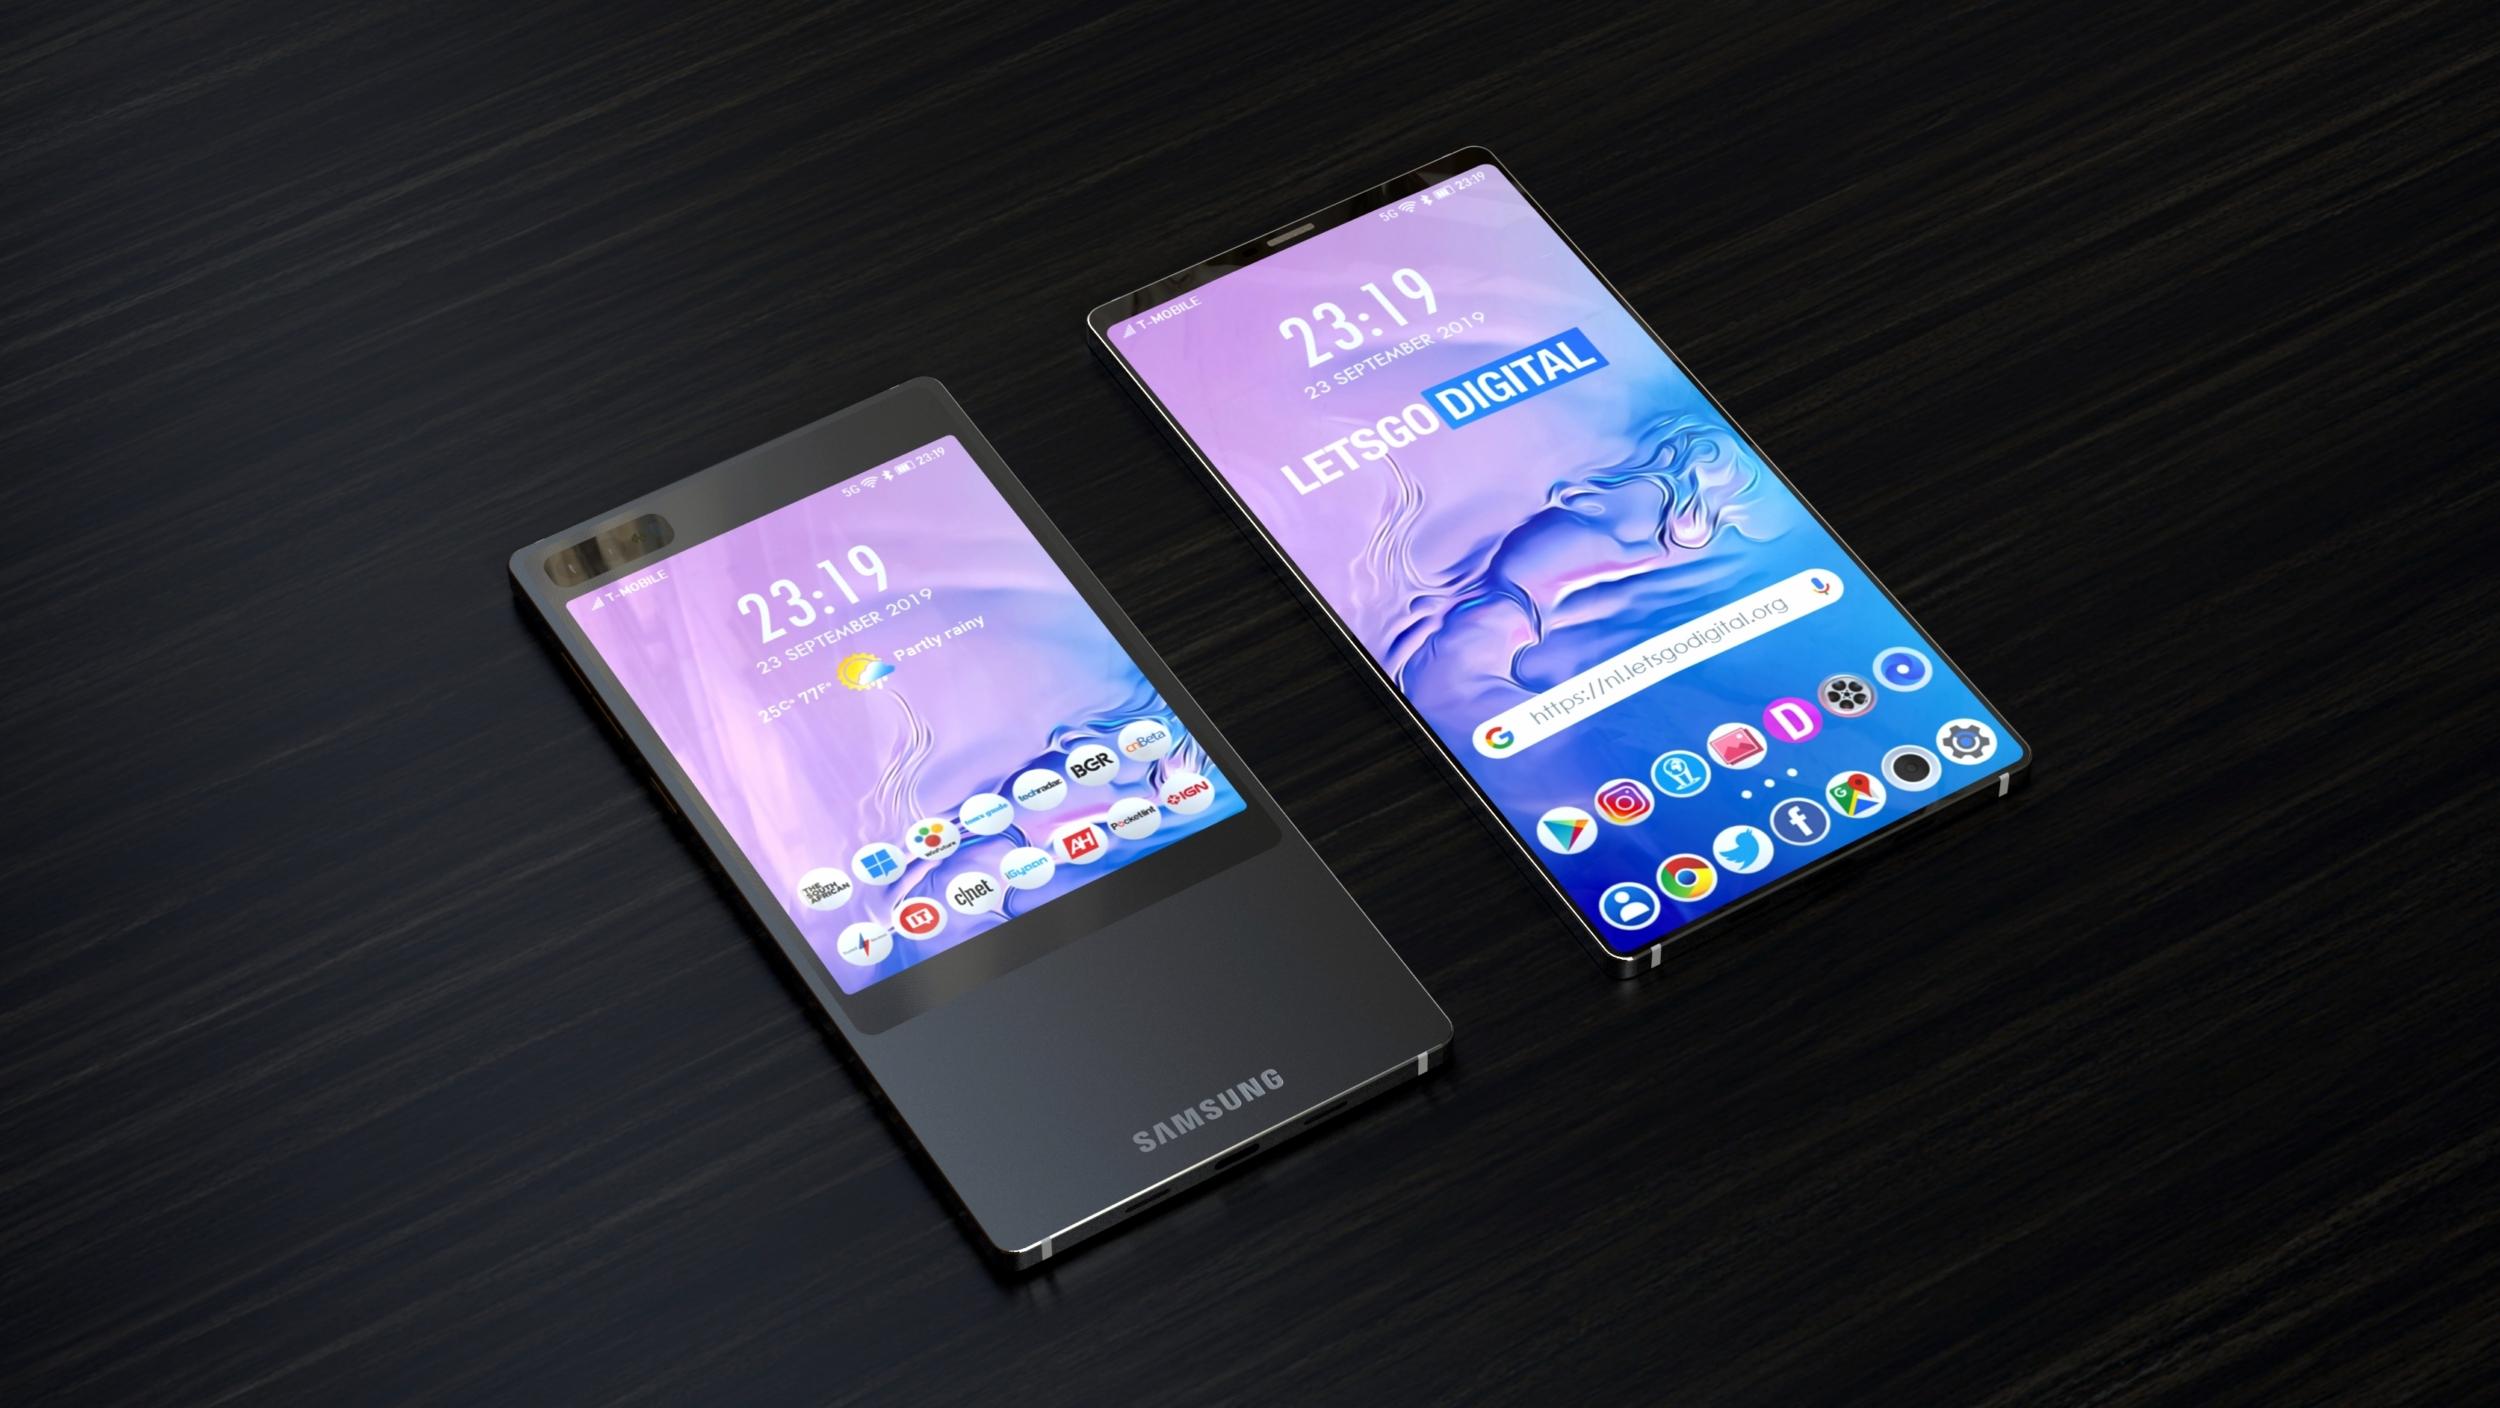 Samsung si pohrává s umístěním druhého displeje na smartphonech